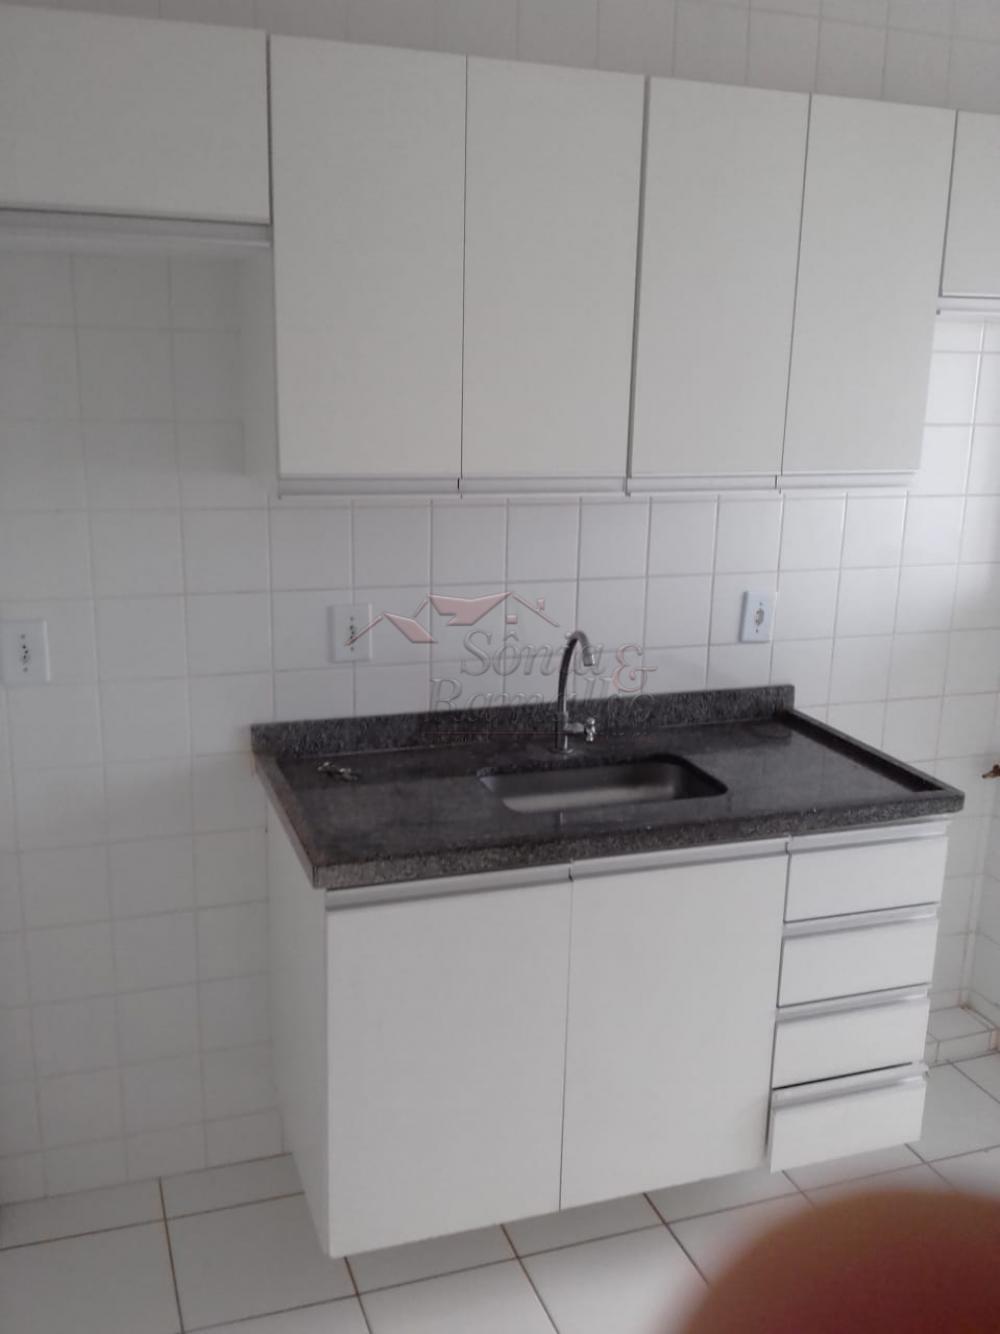 Alugar Apartamentos / Padrão em Ribeirão Preto apenas R$ 400,00 - Foto 7